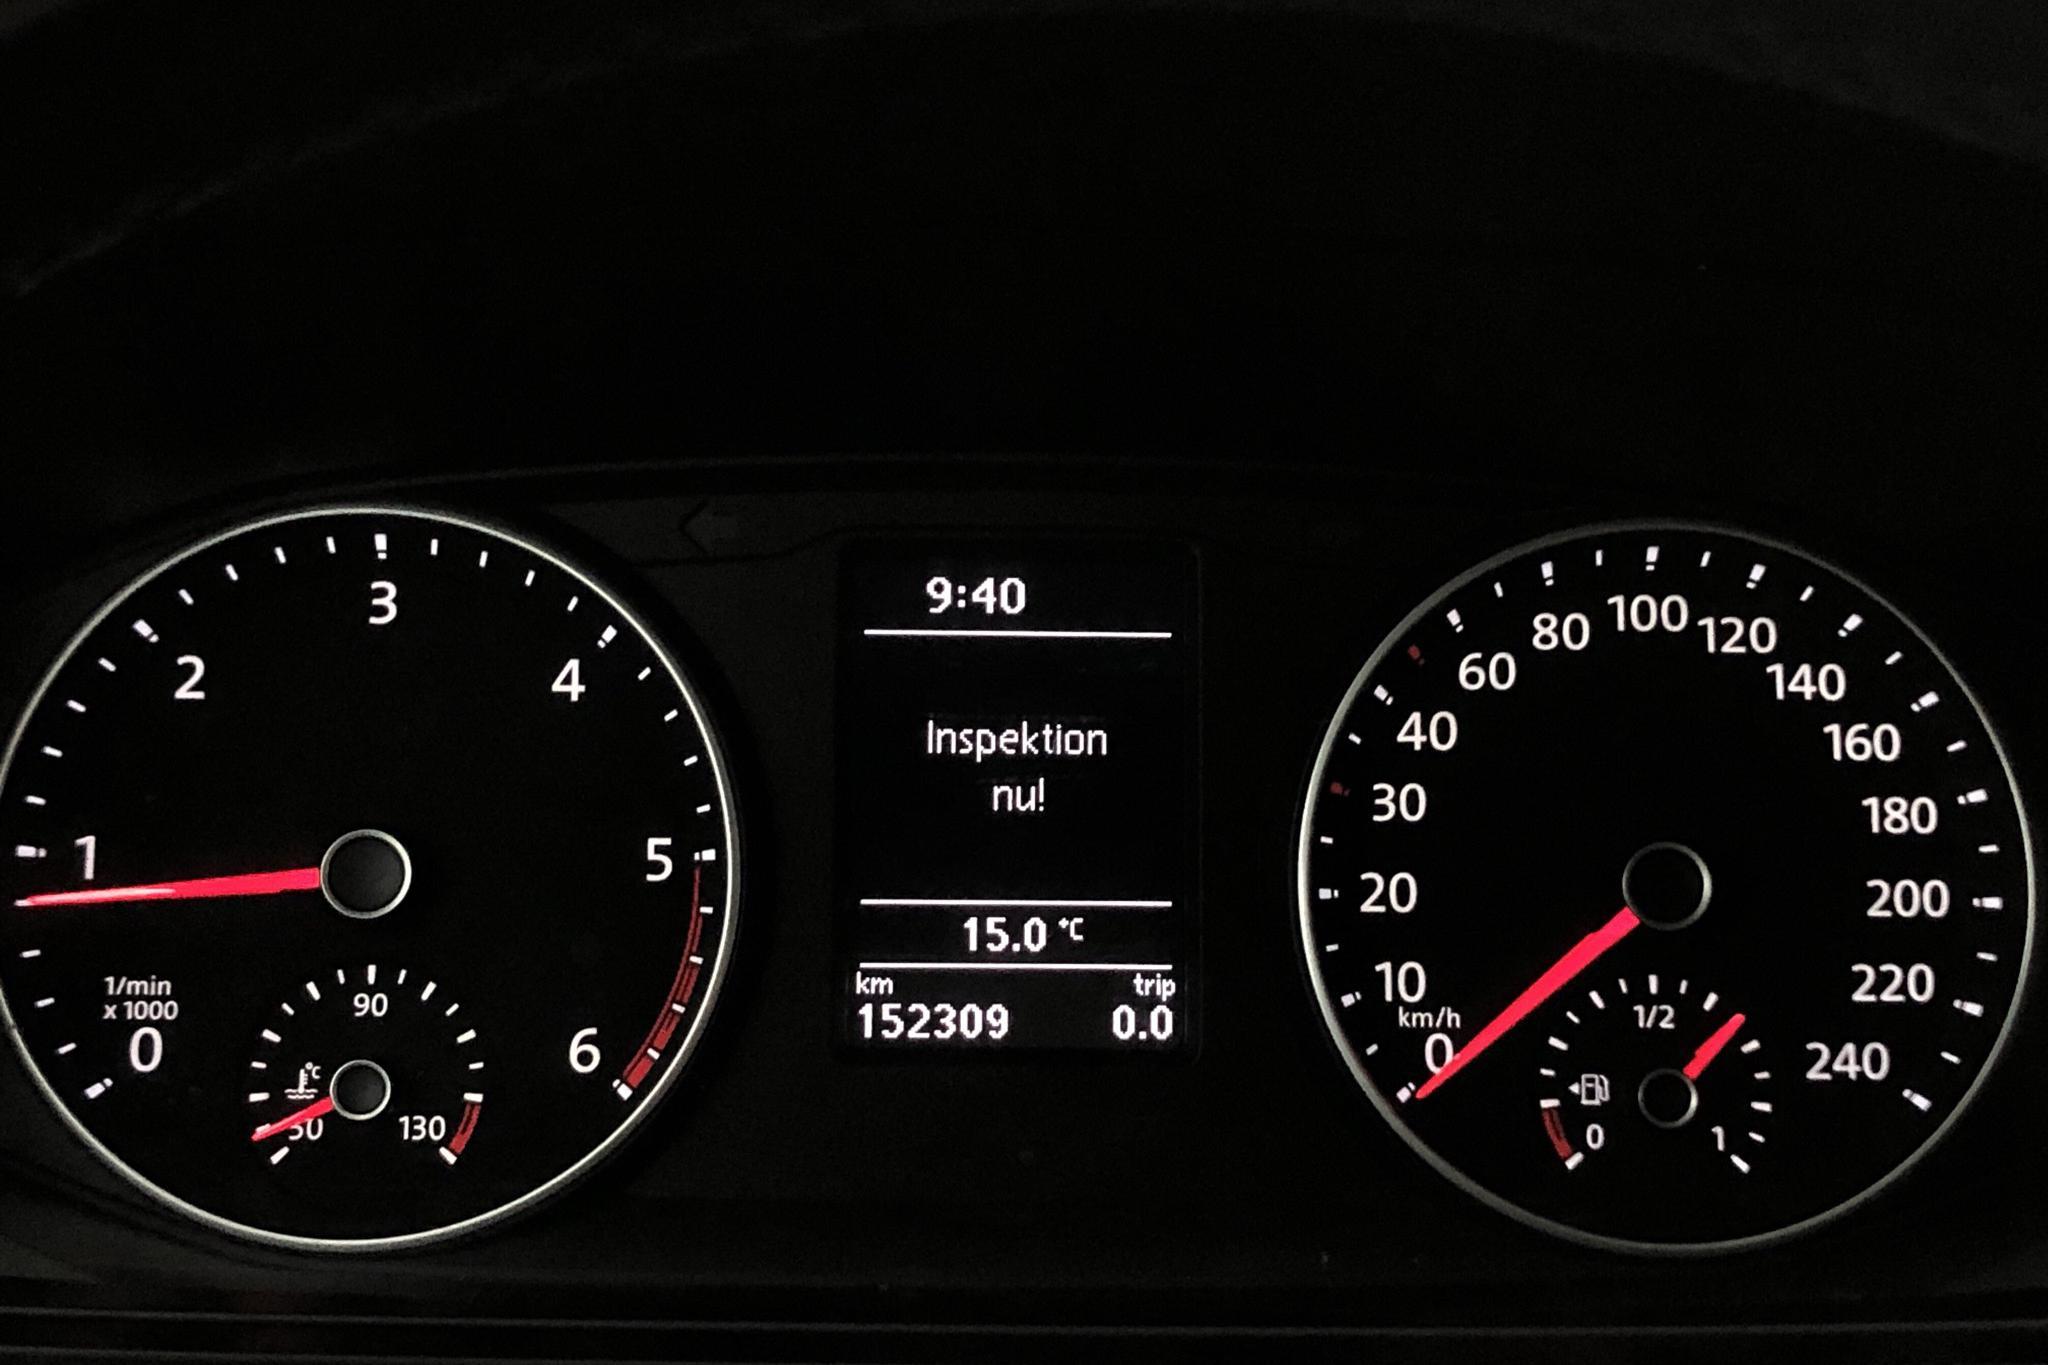 VW Transporter T6 2.0 TDI BMT Skåp (150hk) - 15 231 mil - Manuell - vit - 2017